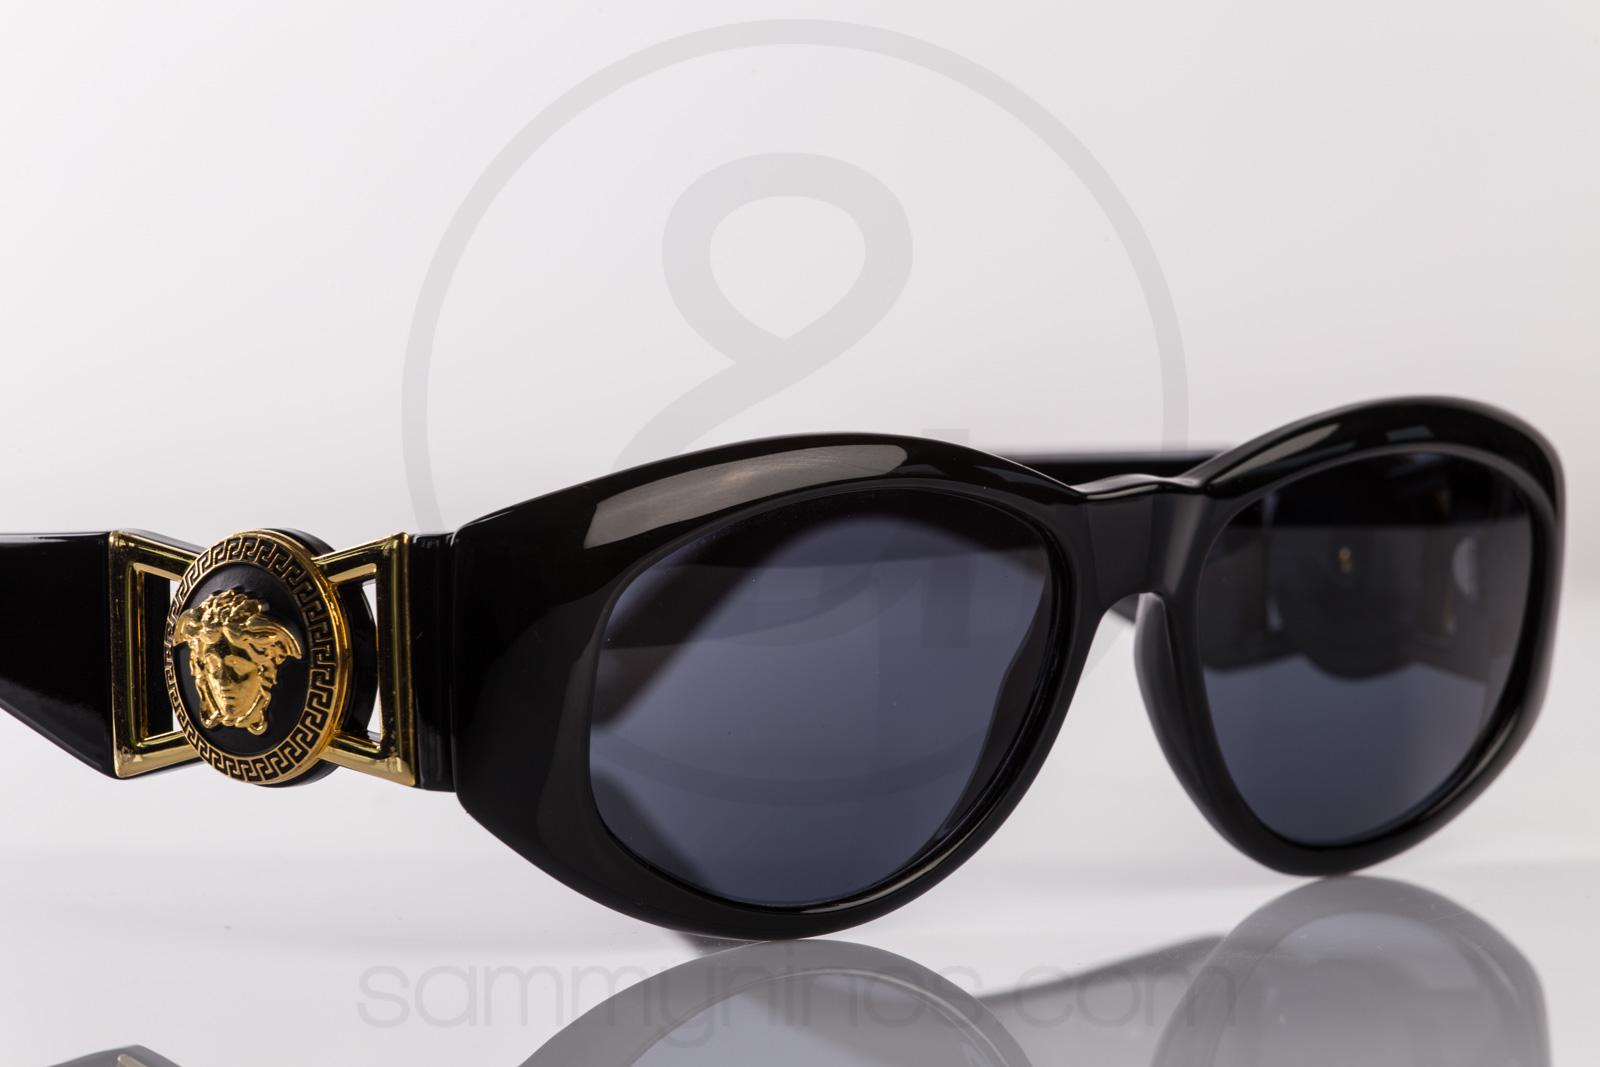 Gianni Versace 424 M 852 Sammy Amp Nino S Store